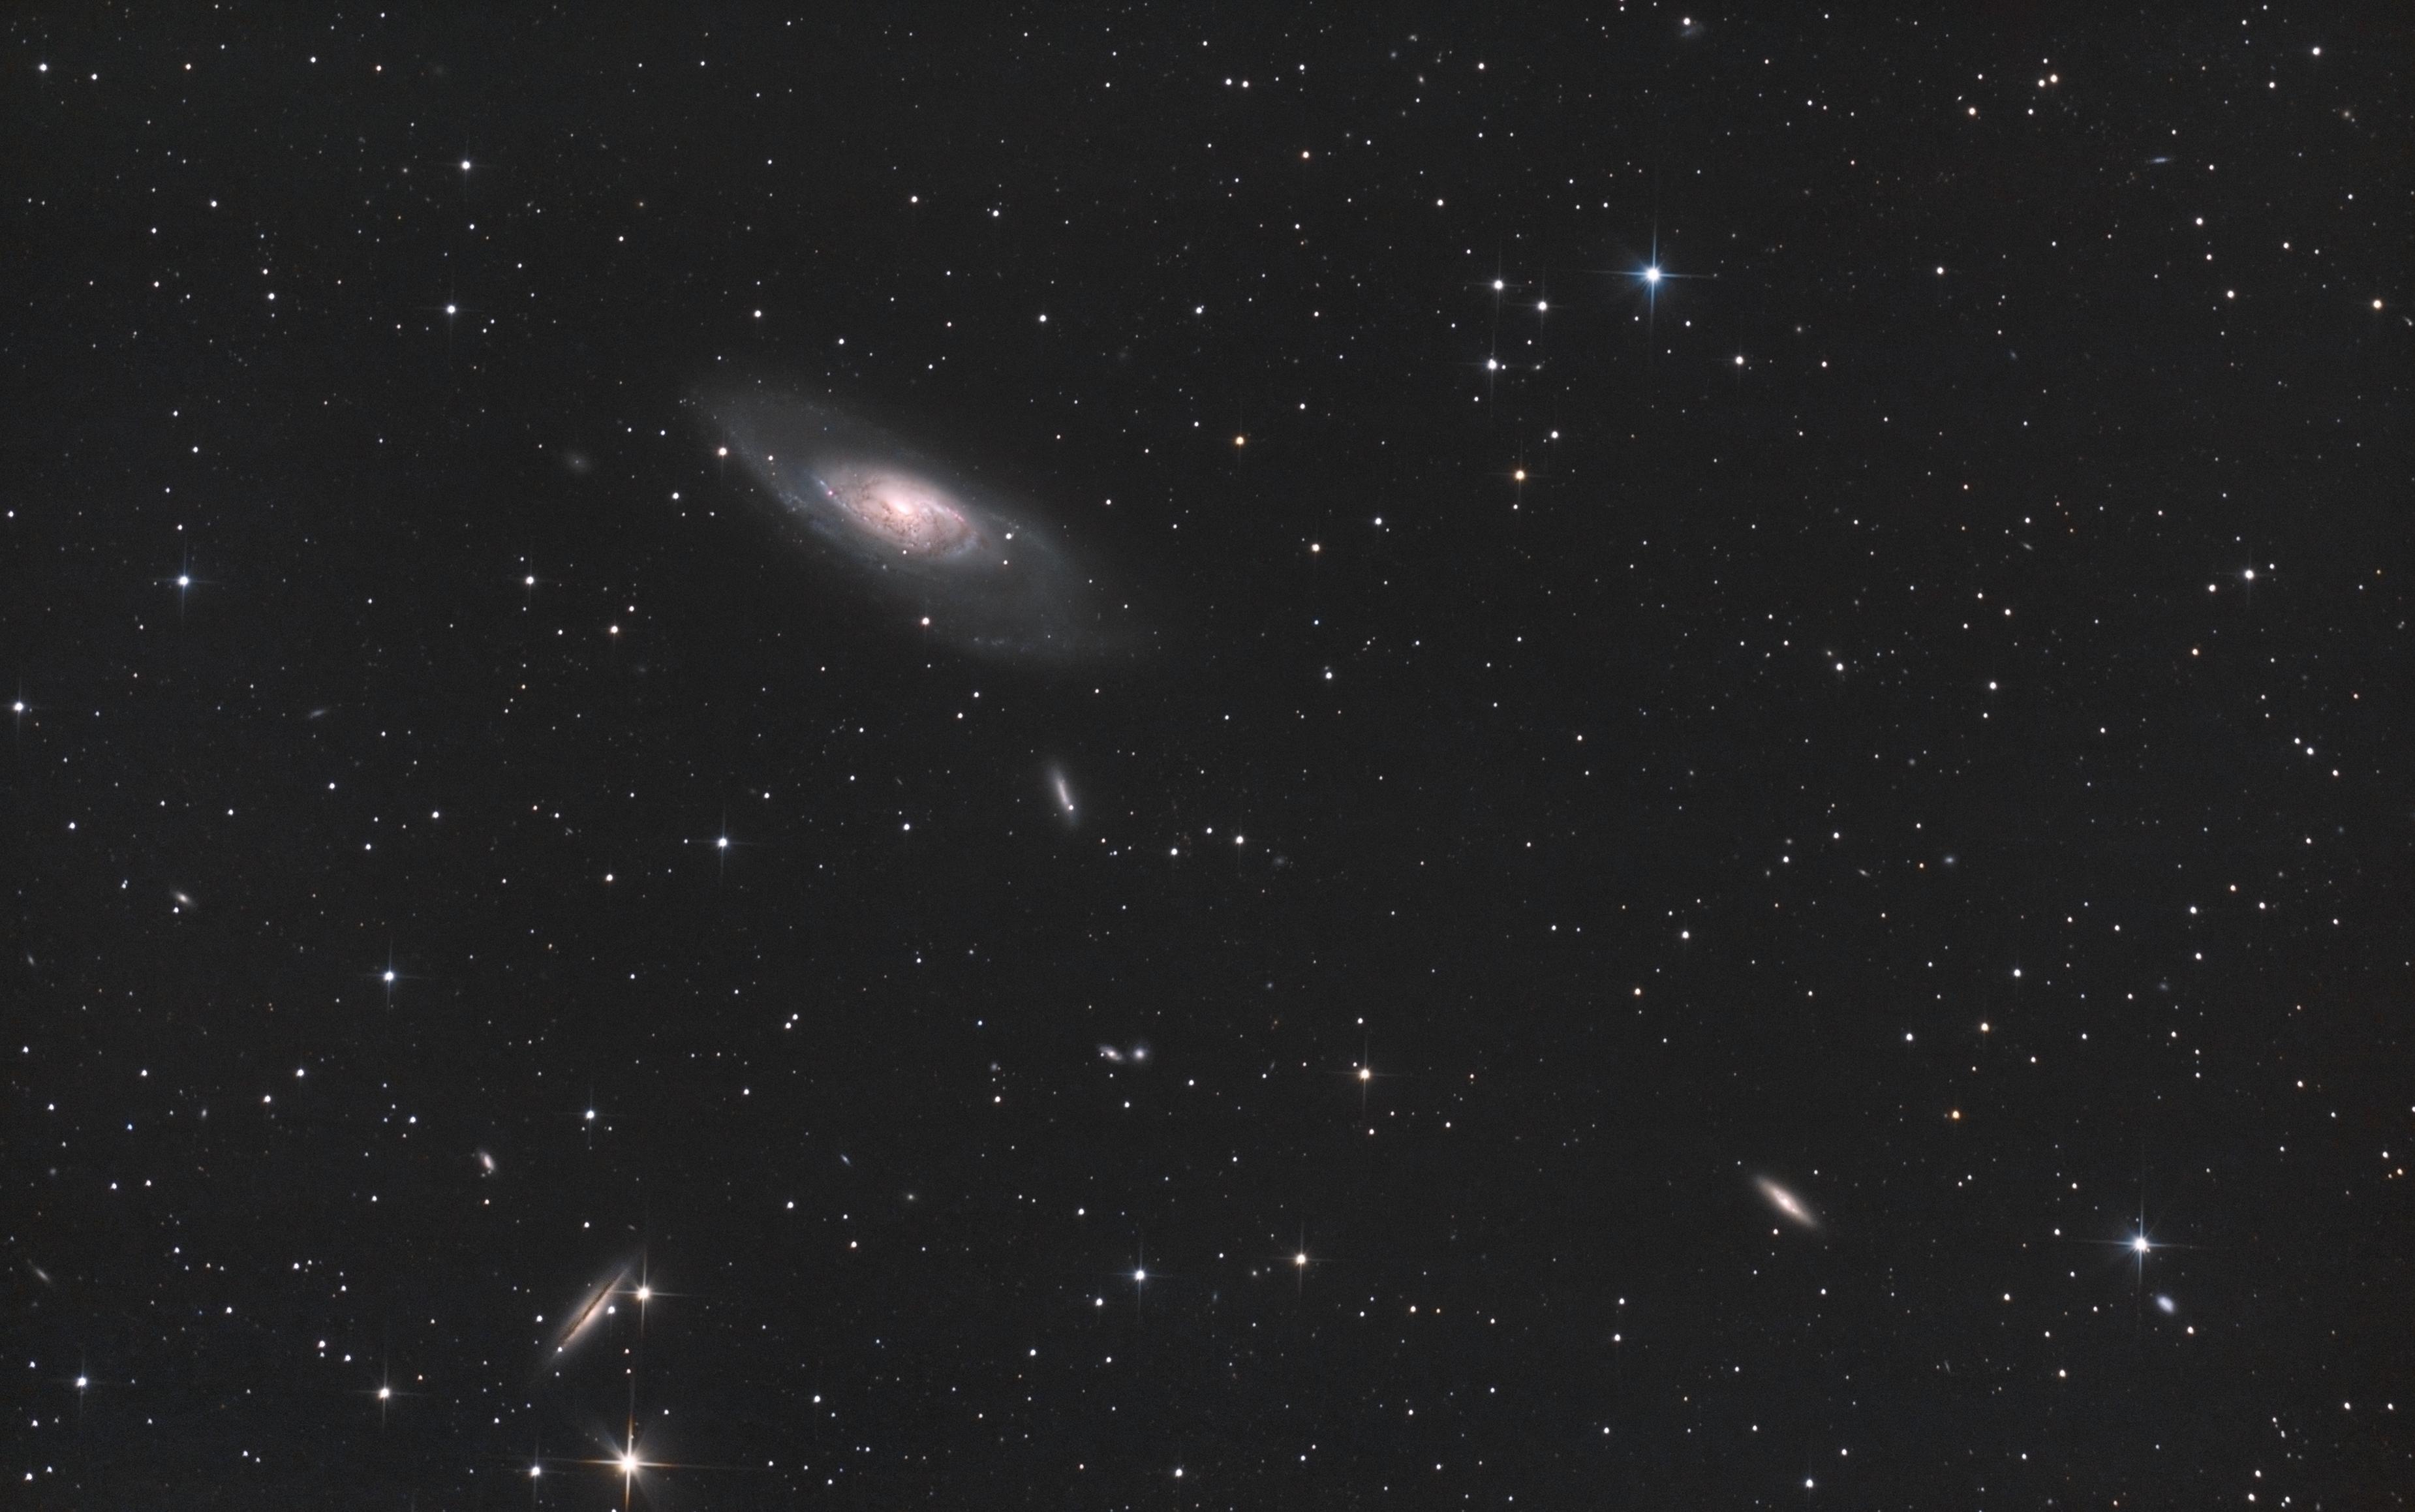 M106_19-20_05_2020.png.b1f5004c33e5c2e9f